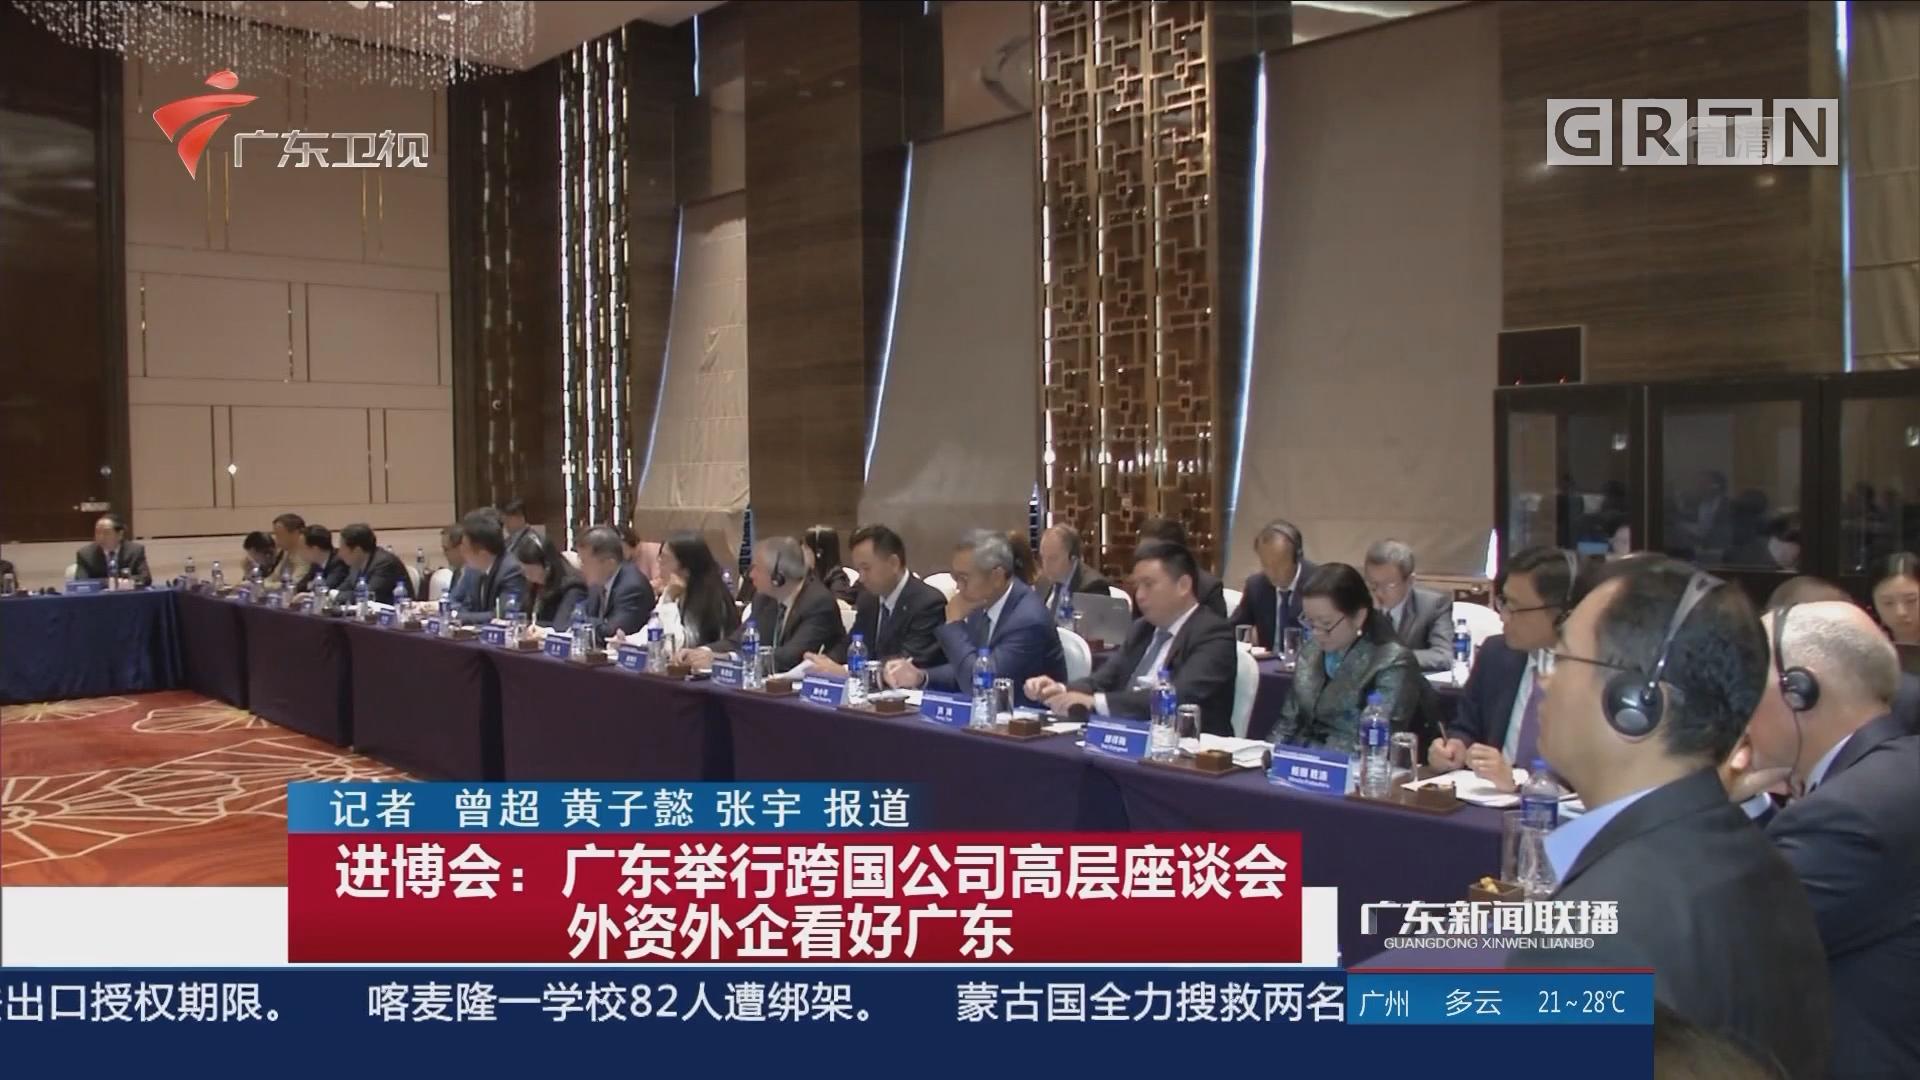 进博会:广东举行跨国公司高层座谈会 外资外企看好广东